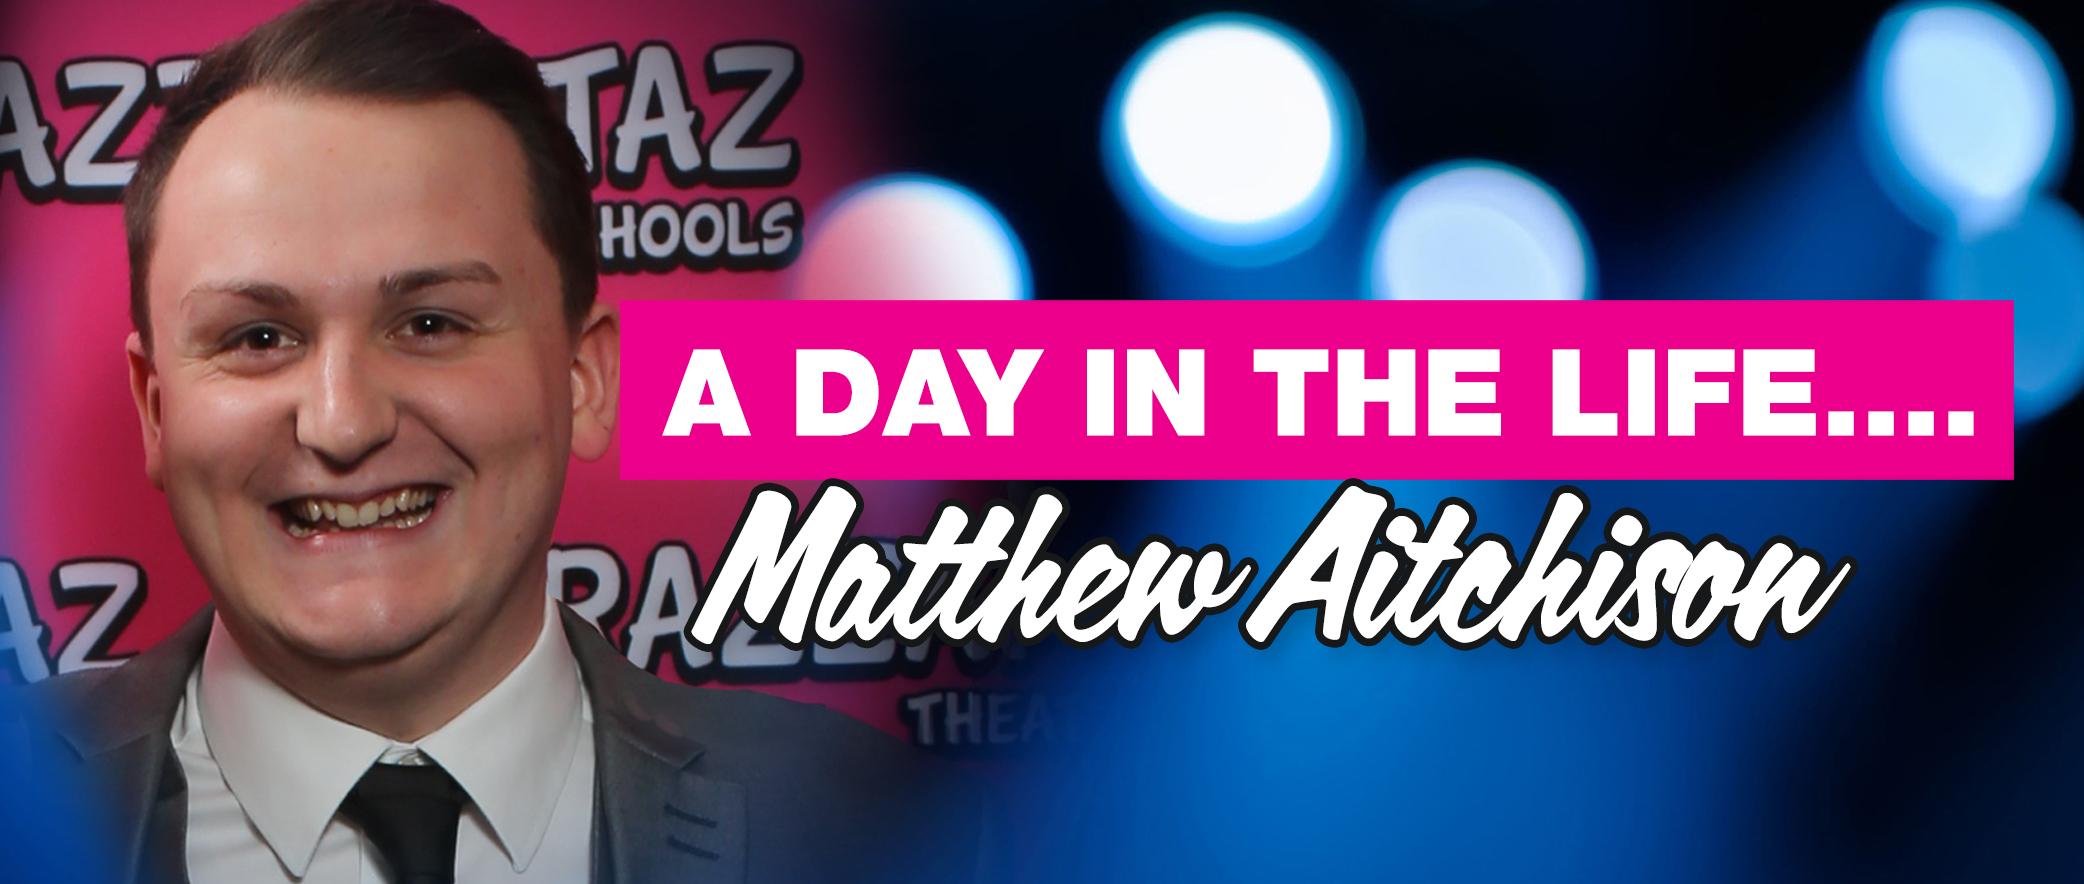 Matthew A